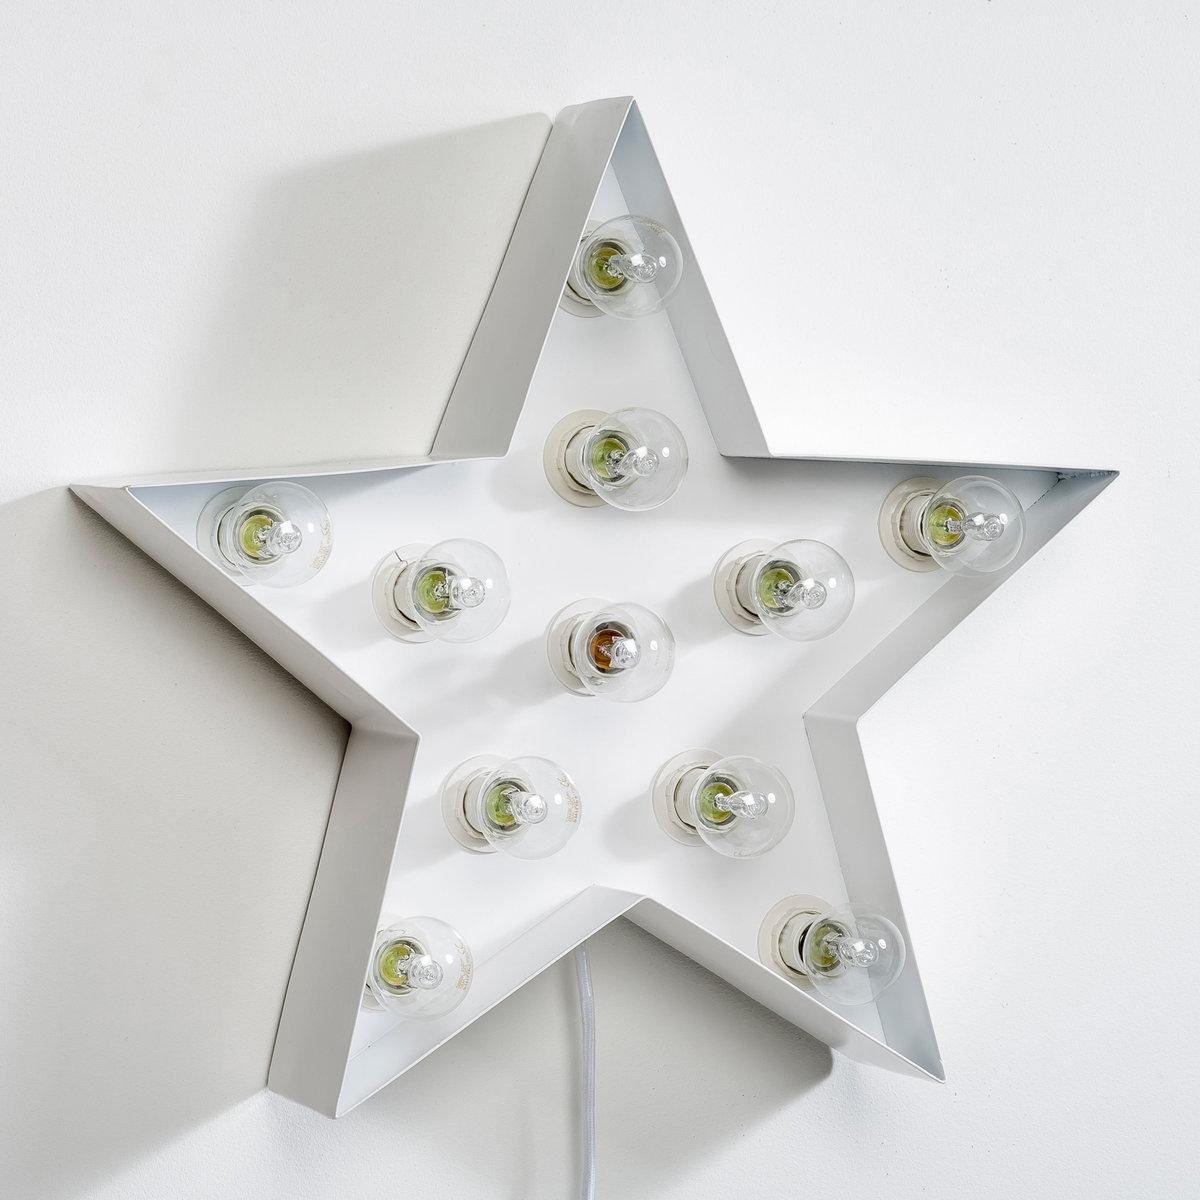 Светильник декоративный, SternaХарактеристики светильника  Sterna  :Металлический каркас в форме звезды с 5 ответвлениями, покрытыми белой матовой эпоксидной эмалью .11 патронов E14 для лампочек макс 40W (не входят в комплект), энергетический класс A B C D EЭлектрифицированный Шнур питания длиной 1м 50 с выключателем .Не для использования на улицеМожно повесить над камином или на стену .Другие оригинальные предметы декора вы можете найти на сайте laredoute.ru.Размер светильника  Sterna  :50 x 50 x 10 см<br><br>Цвет: белый